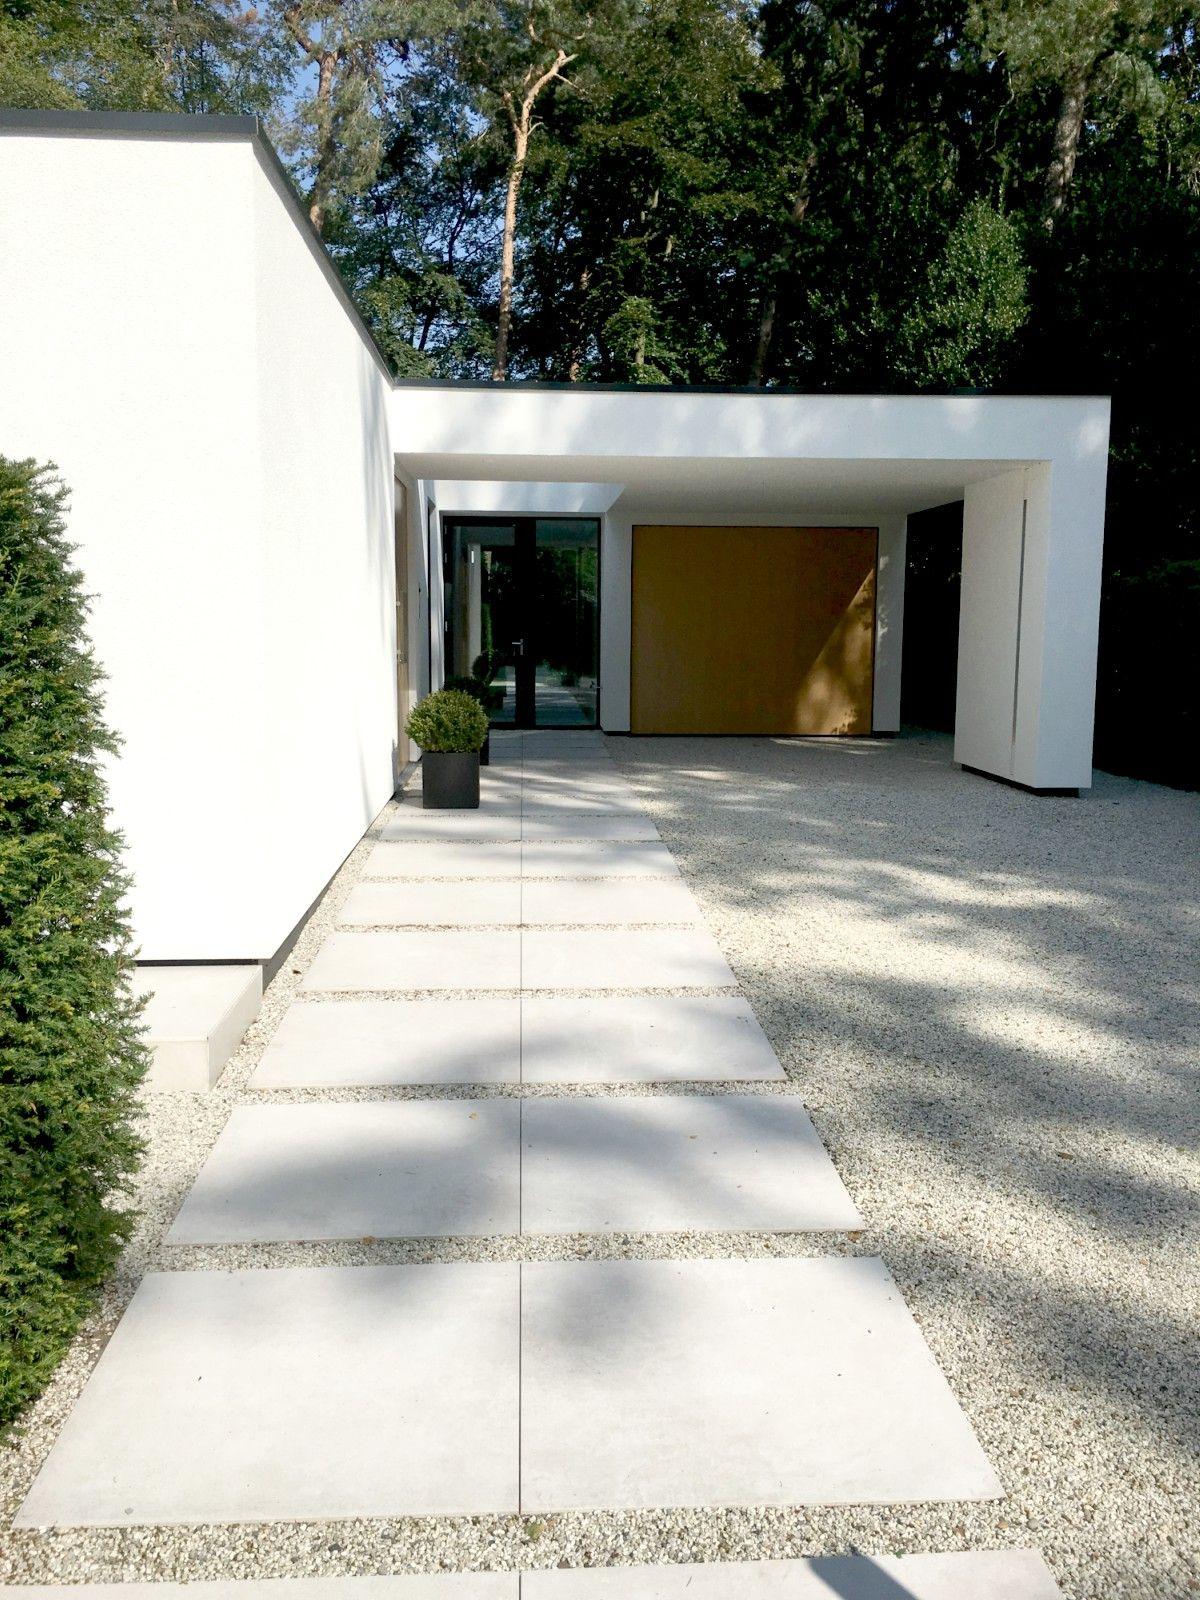 Pin By Milad Saber On Villa Plan In 2018 Pinterest Casas Casas - Jardines-casas-modernas